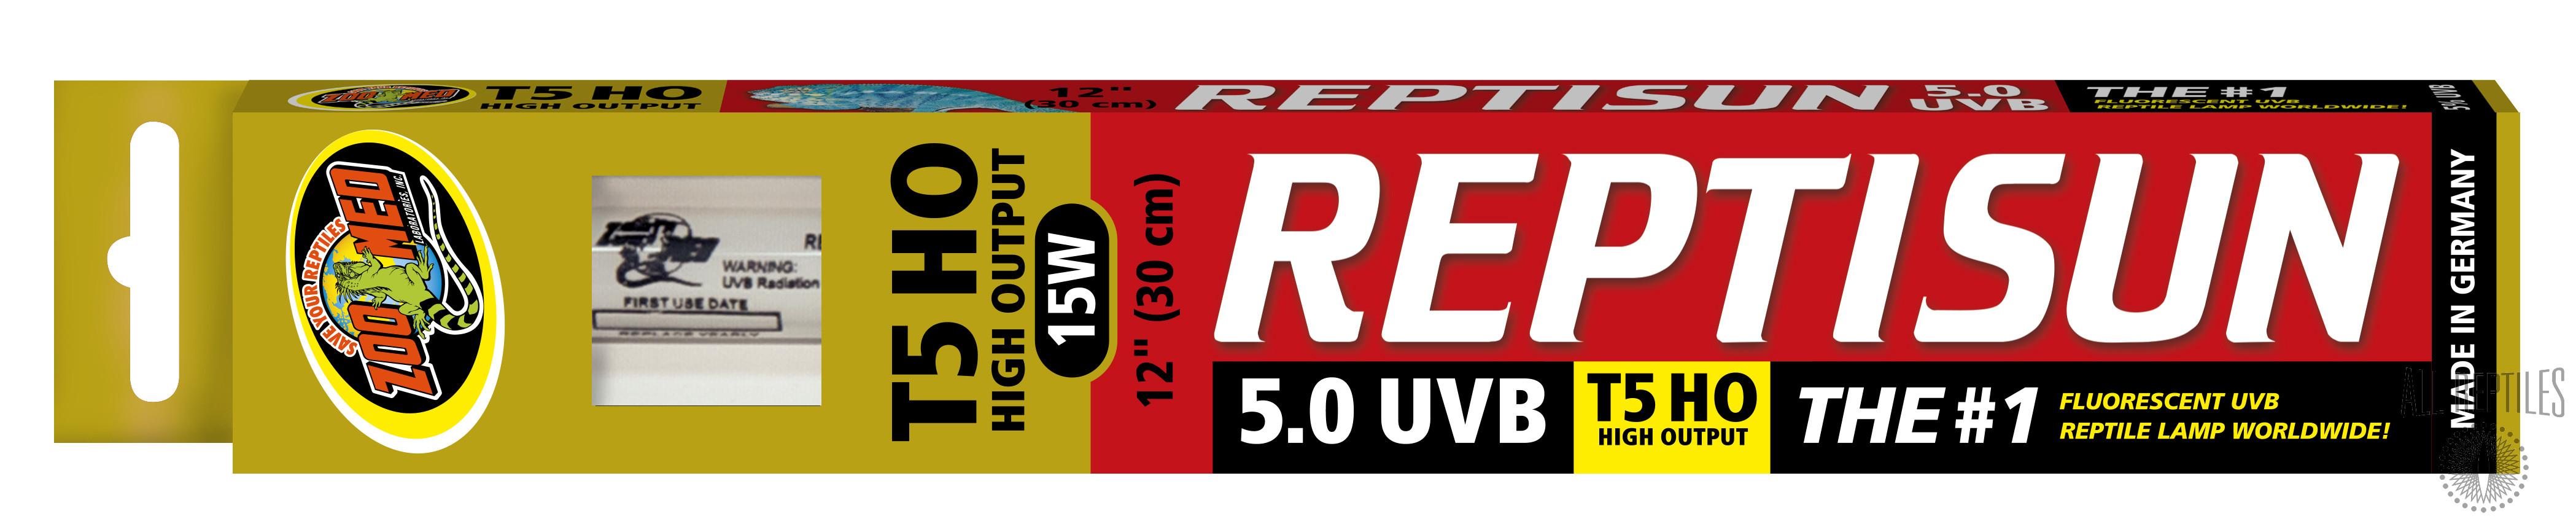 ZM Reptisun T5 UVB 5.0 Linear